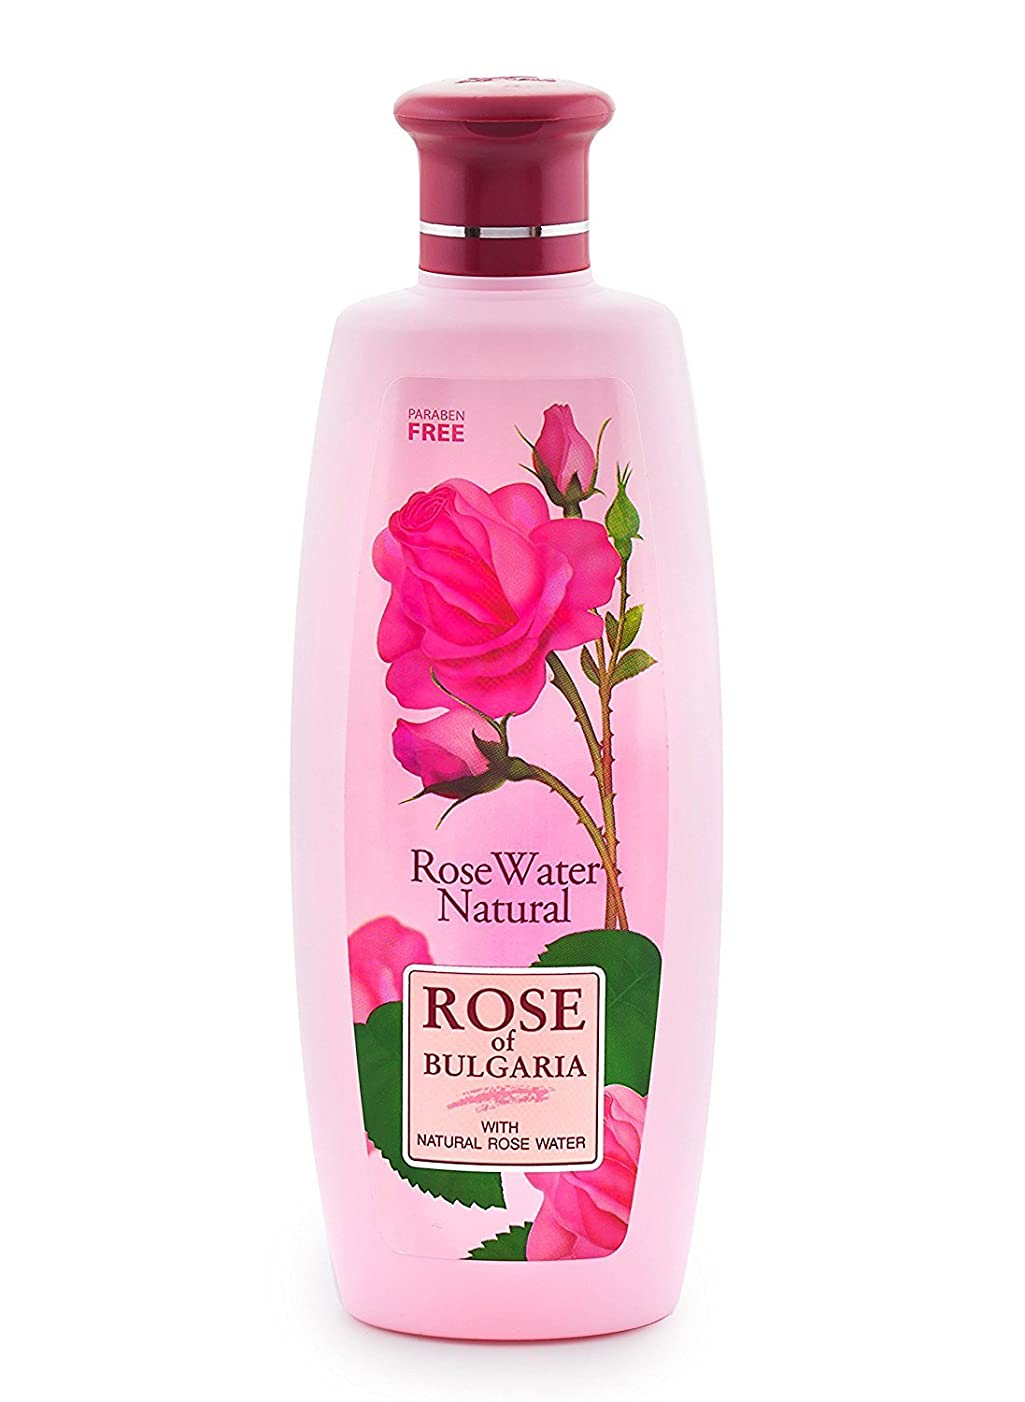 価値のないビザ不良ズ オブ ブルガリア/Rose of Bulgaria/ローズ ウォーター ナチュラル スプレー 330ml